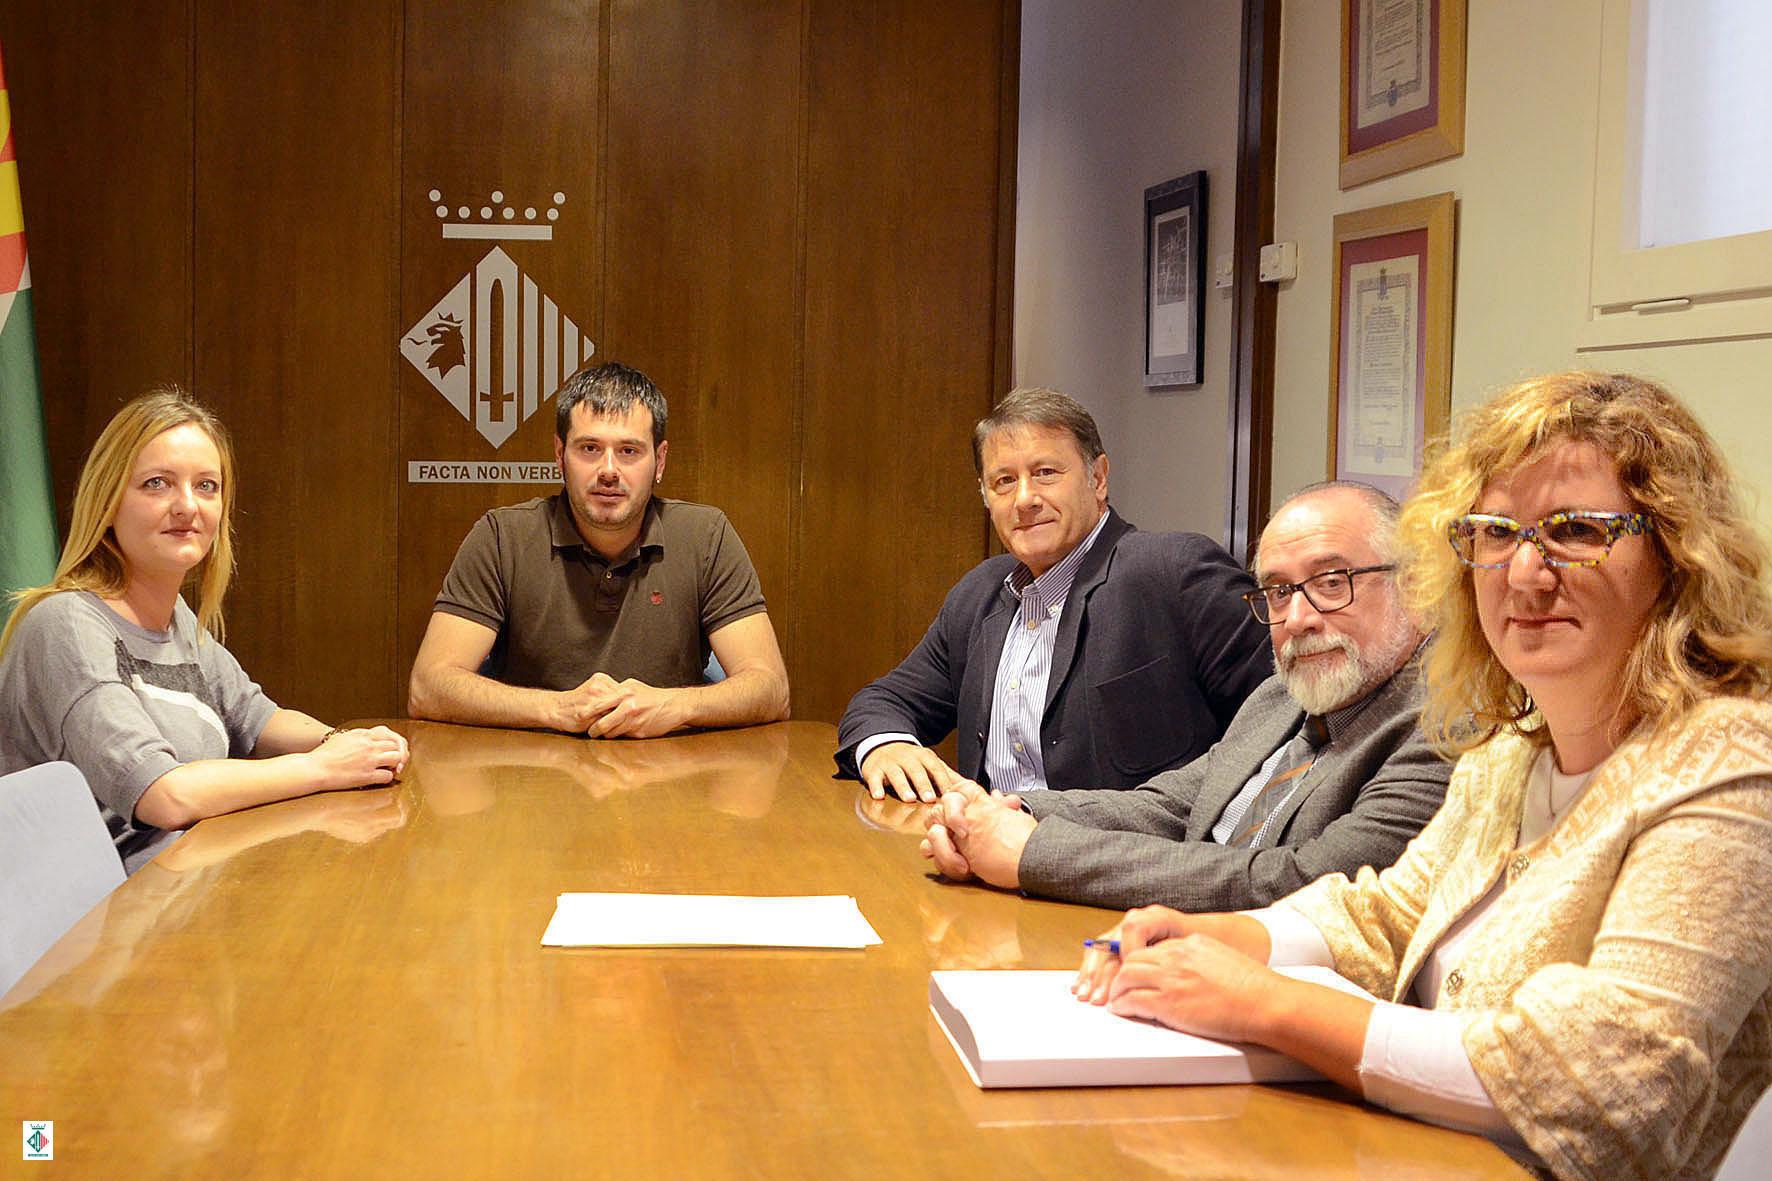 Un moment de la recepció oferta per l'alcalde al president de la Federació Catalana d'Handbol